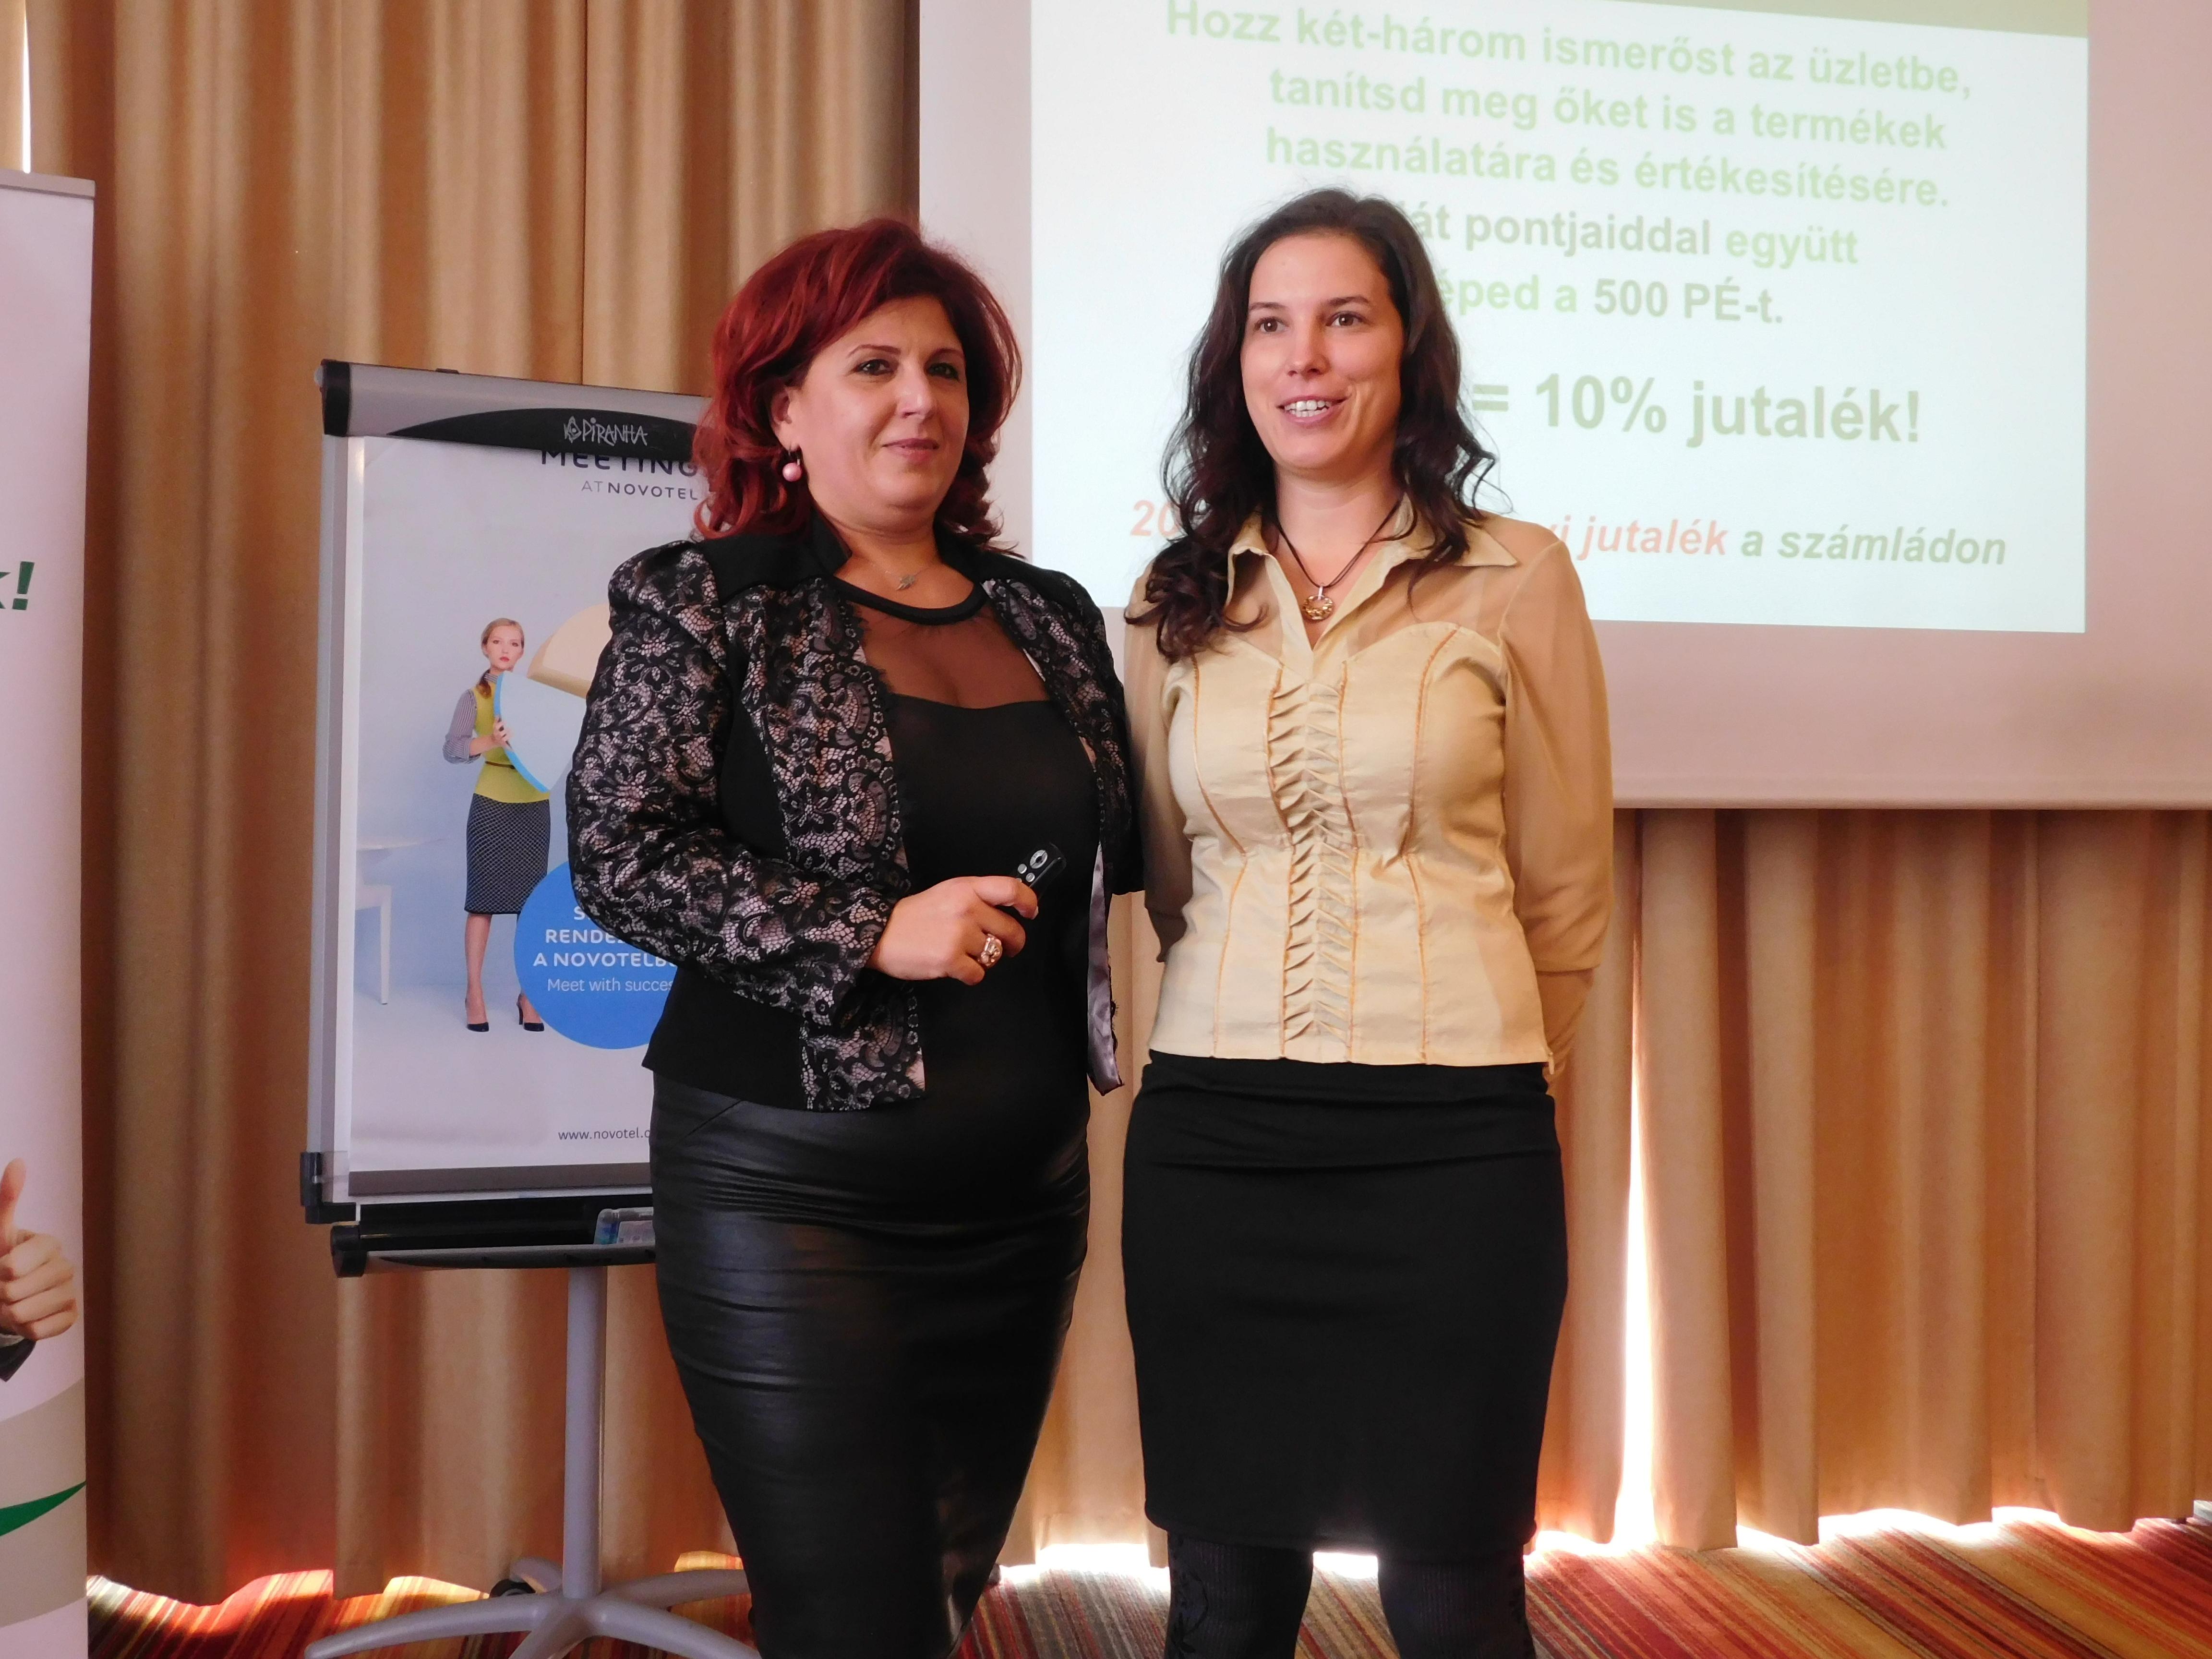 Gémesi Anikó (a képen jobbra) két hónap alatt lett 5-ös szintű munkatárs, s az ágvezető biztatására elmesélte, hogyan